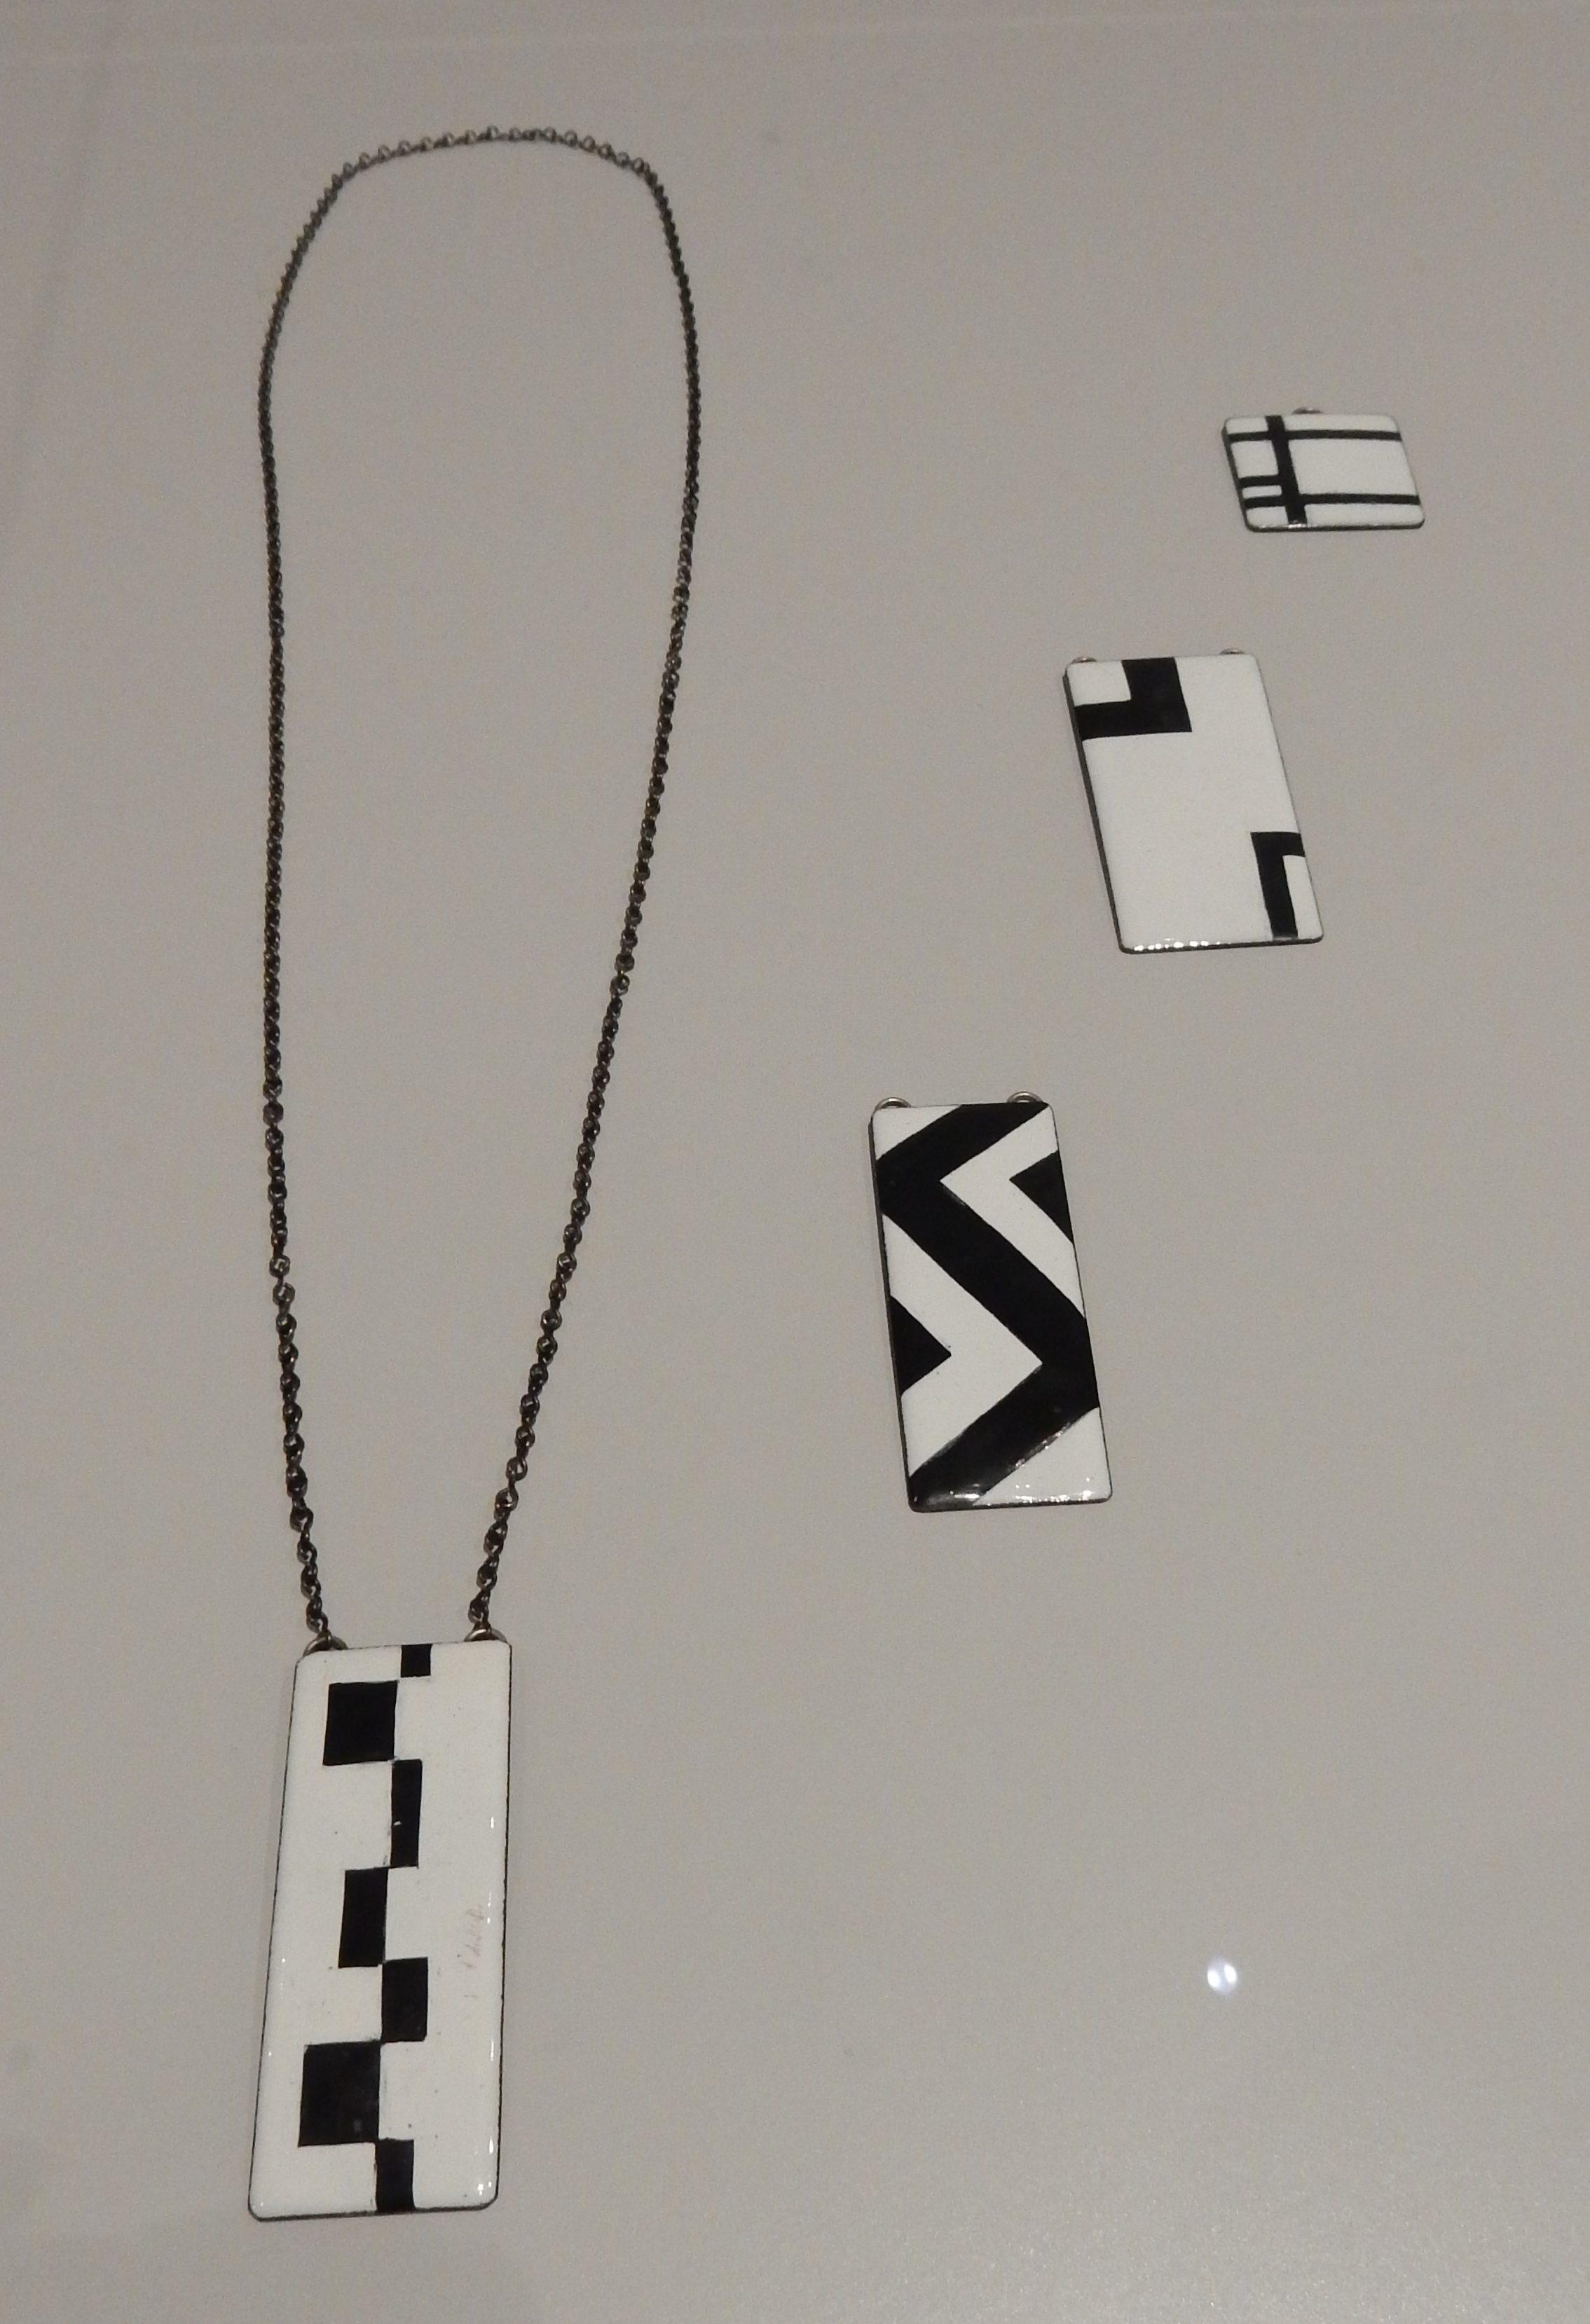 Hans Comis, halssieraad en hangers, circa 1965, BK-2010-2-67, 65, 68, 66. Rijksmuseum, afdeling Tweede helft twintigste eeuw. Foto Esther Doornbusch, november 2018, CC BY 4.0